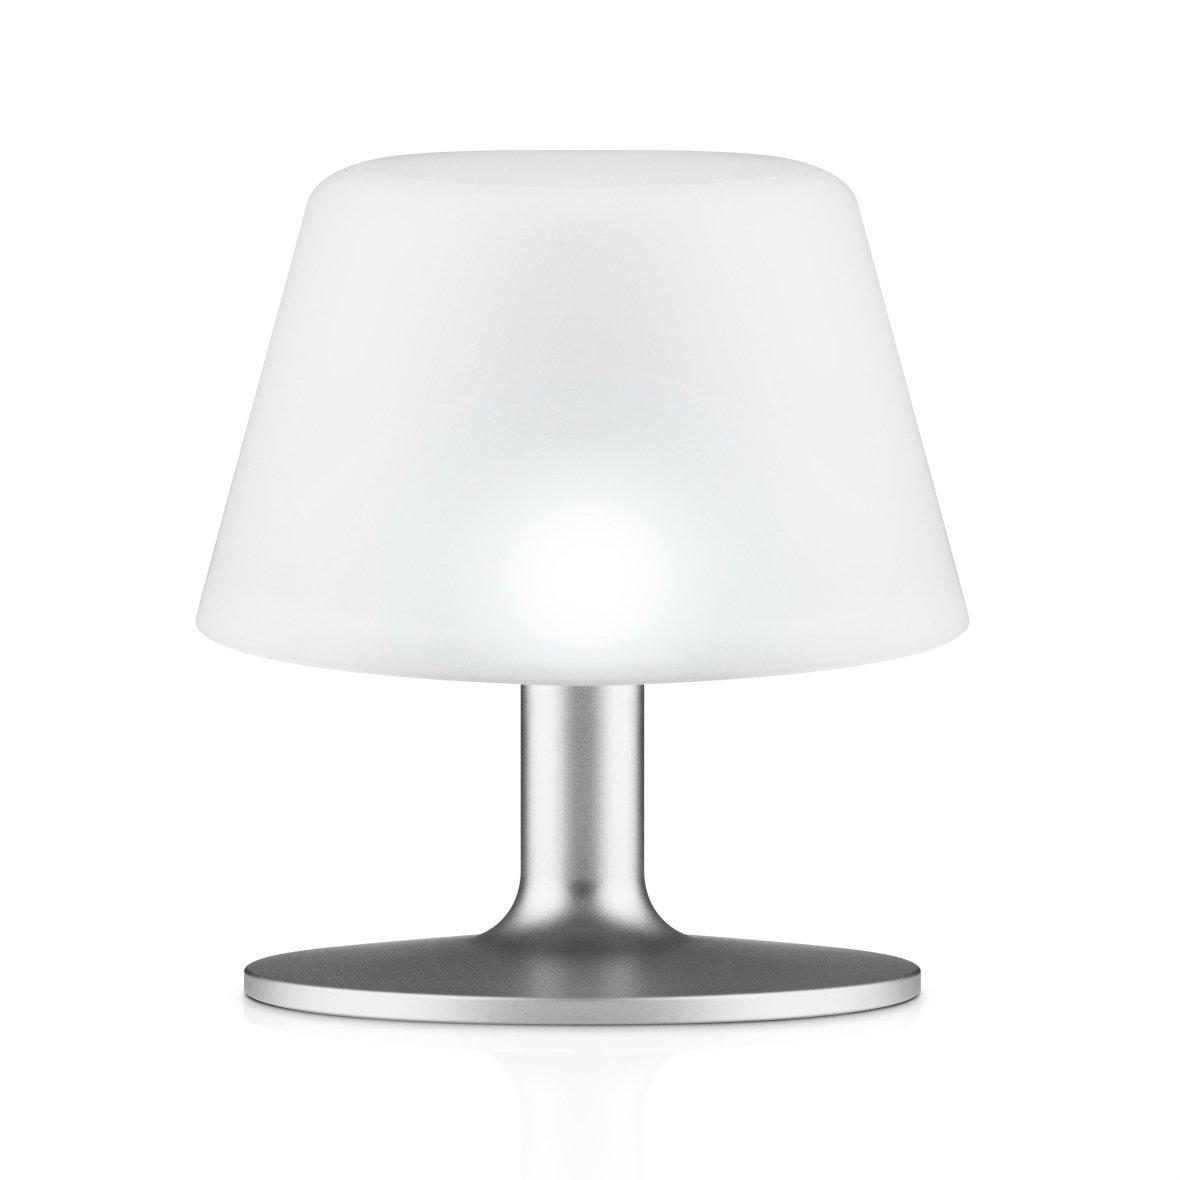 Tafellamp op zonne-energie